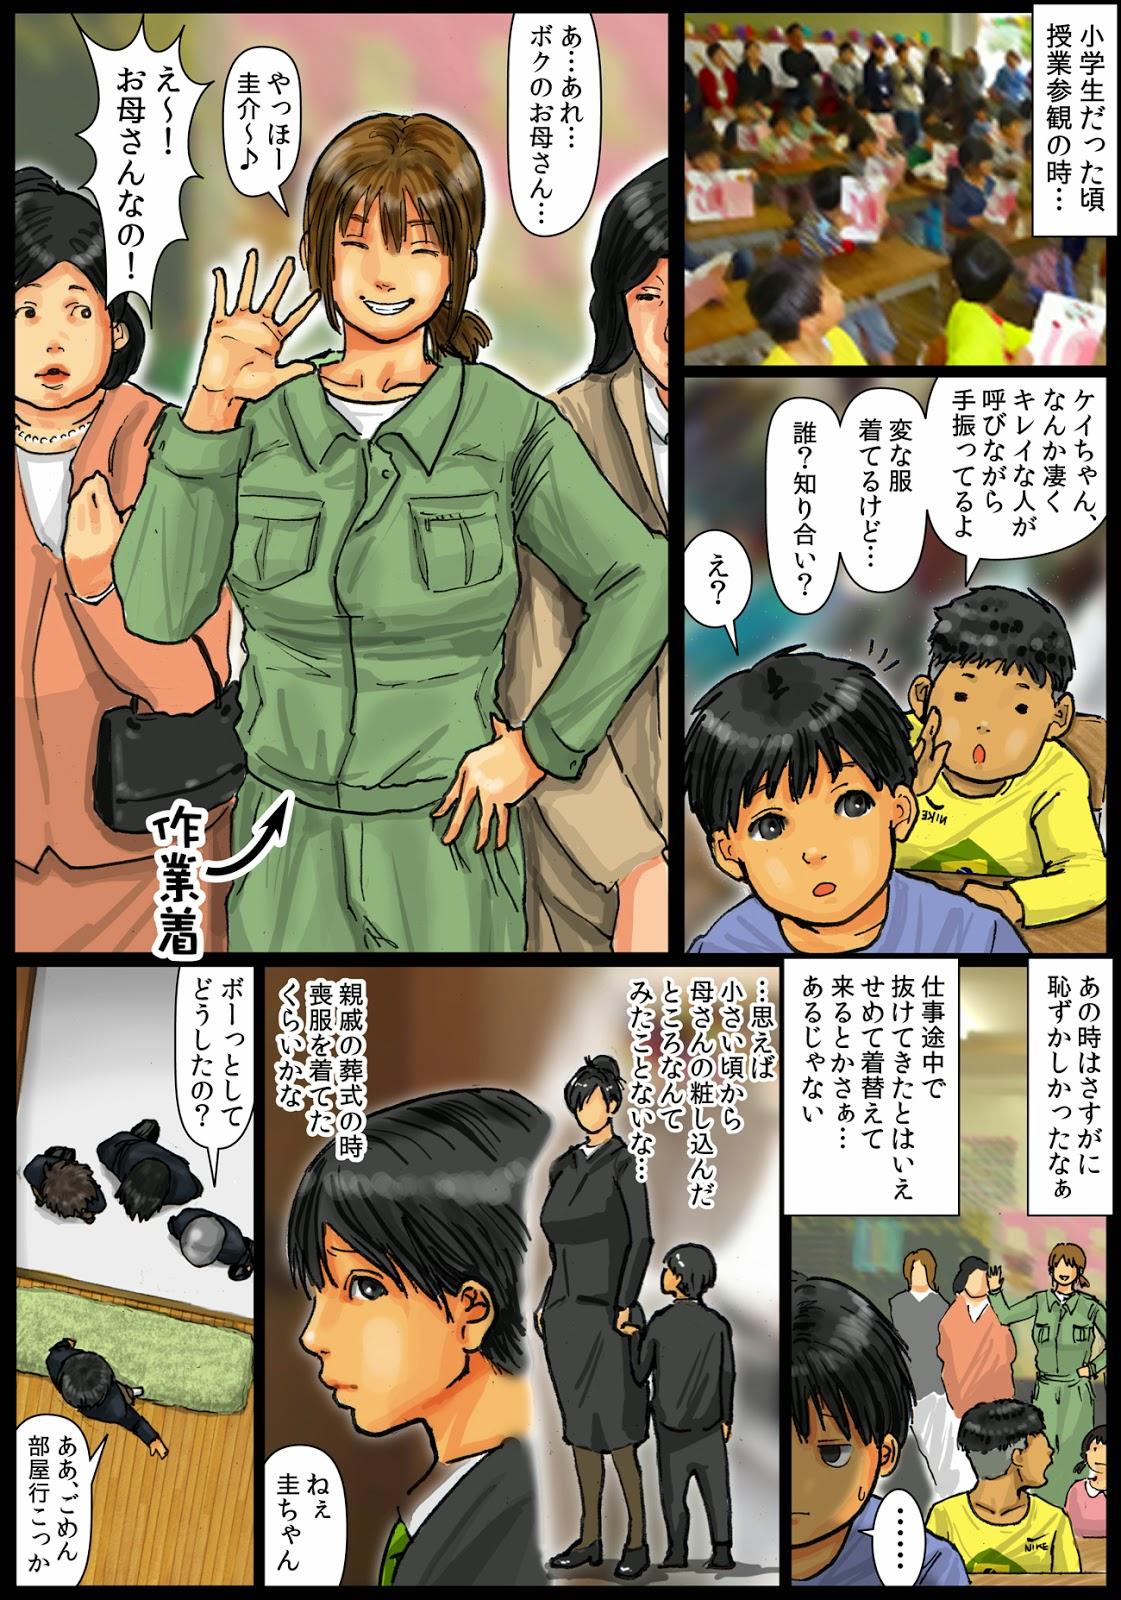 Kaa-san no ana tsukawasete